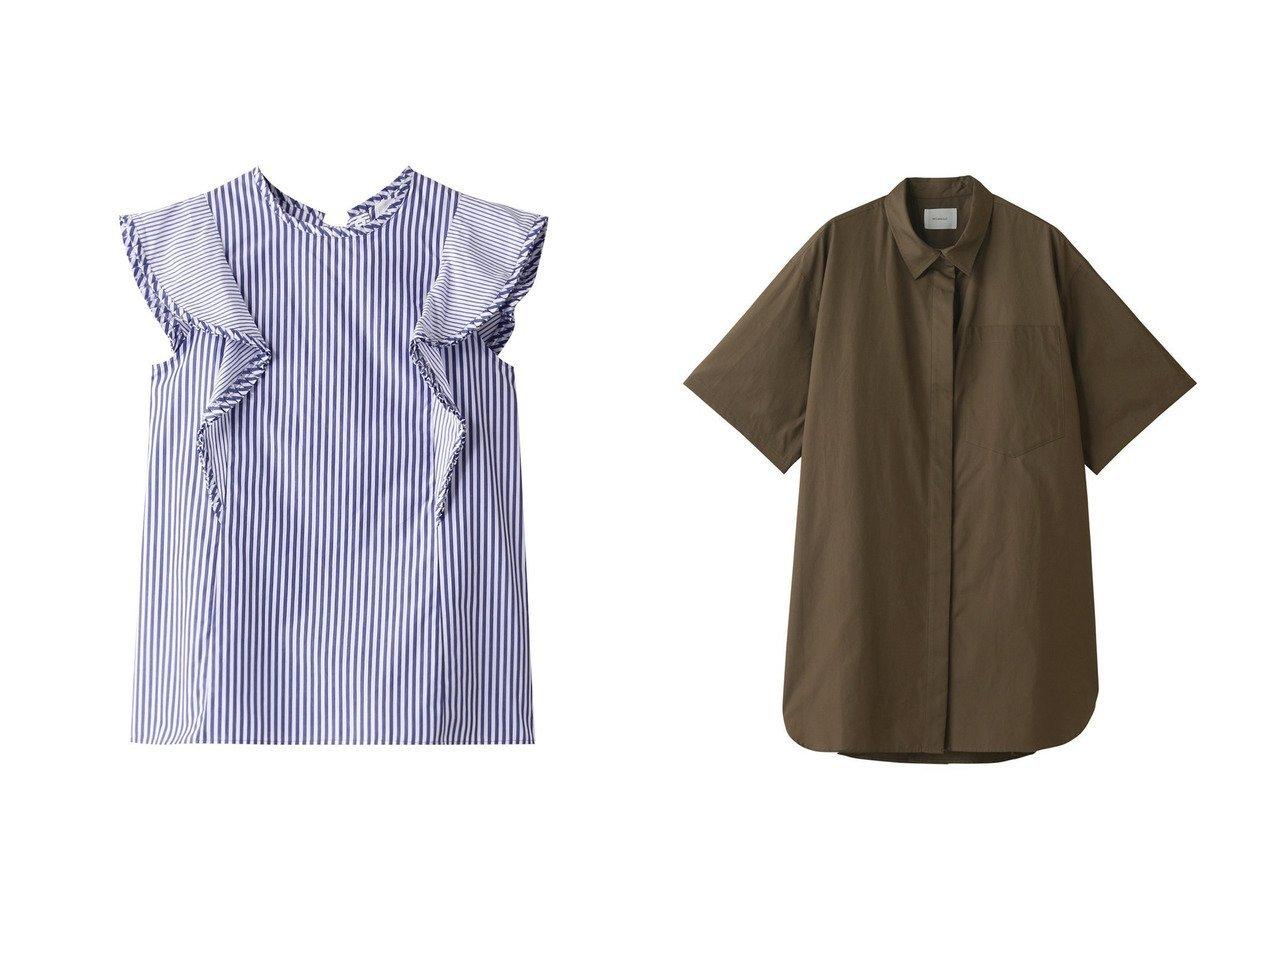 【LANVIN en Bleu/ランバン オン ブルー】のプリーツフリルバックリボンブラウス&【MIDIUMISOLID/ミディウミソリッド】のシャツ 【トップス・カットソー】おすすめ!人気、トレンド・レディースファッションの通販 おすすめで人気の流行・トレンド、ファッションの通販商品 インテリア・家具・メンズファッション・キッズファッション・レディースファッション・服の通販 founy(ファニー) https://founy.com/ ファッション Fashion レディースファッション WOMEN トップス・カットソー Tops/Tshirt キャミソール / ノースリーブ No Sleeves シャツ/ブラウス Shirts/Blouses S/S・春夏 SS・Spring/Summer ストライプ スリーブ ノースリーブ ビッグ フェミニン フリル プレーン リボン 春 Spring ショート シンプル ロング 半袖  ID:crp329100000045263